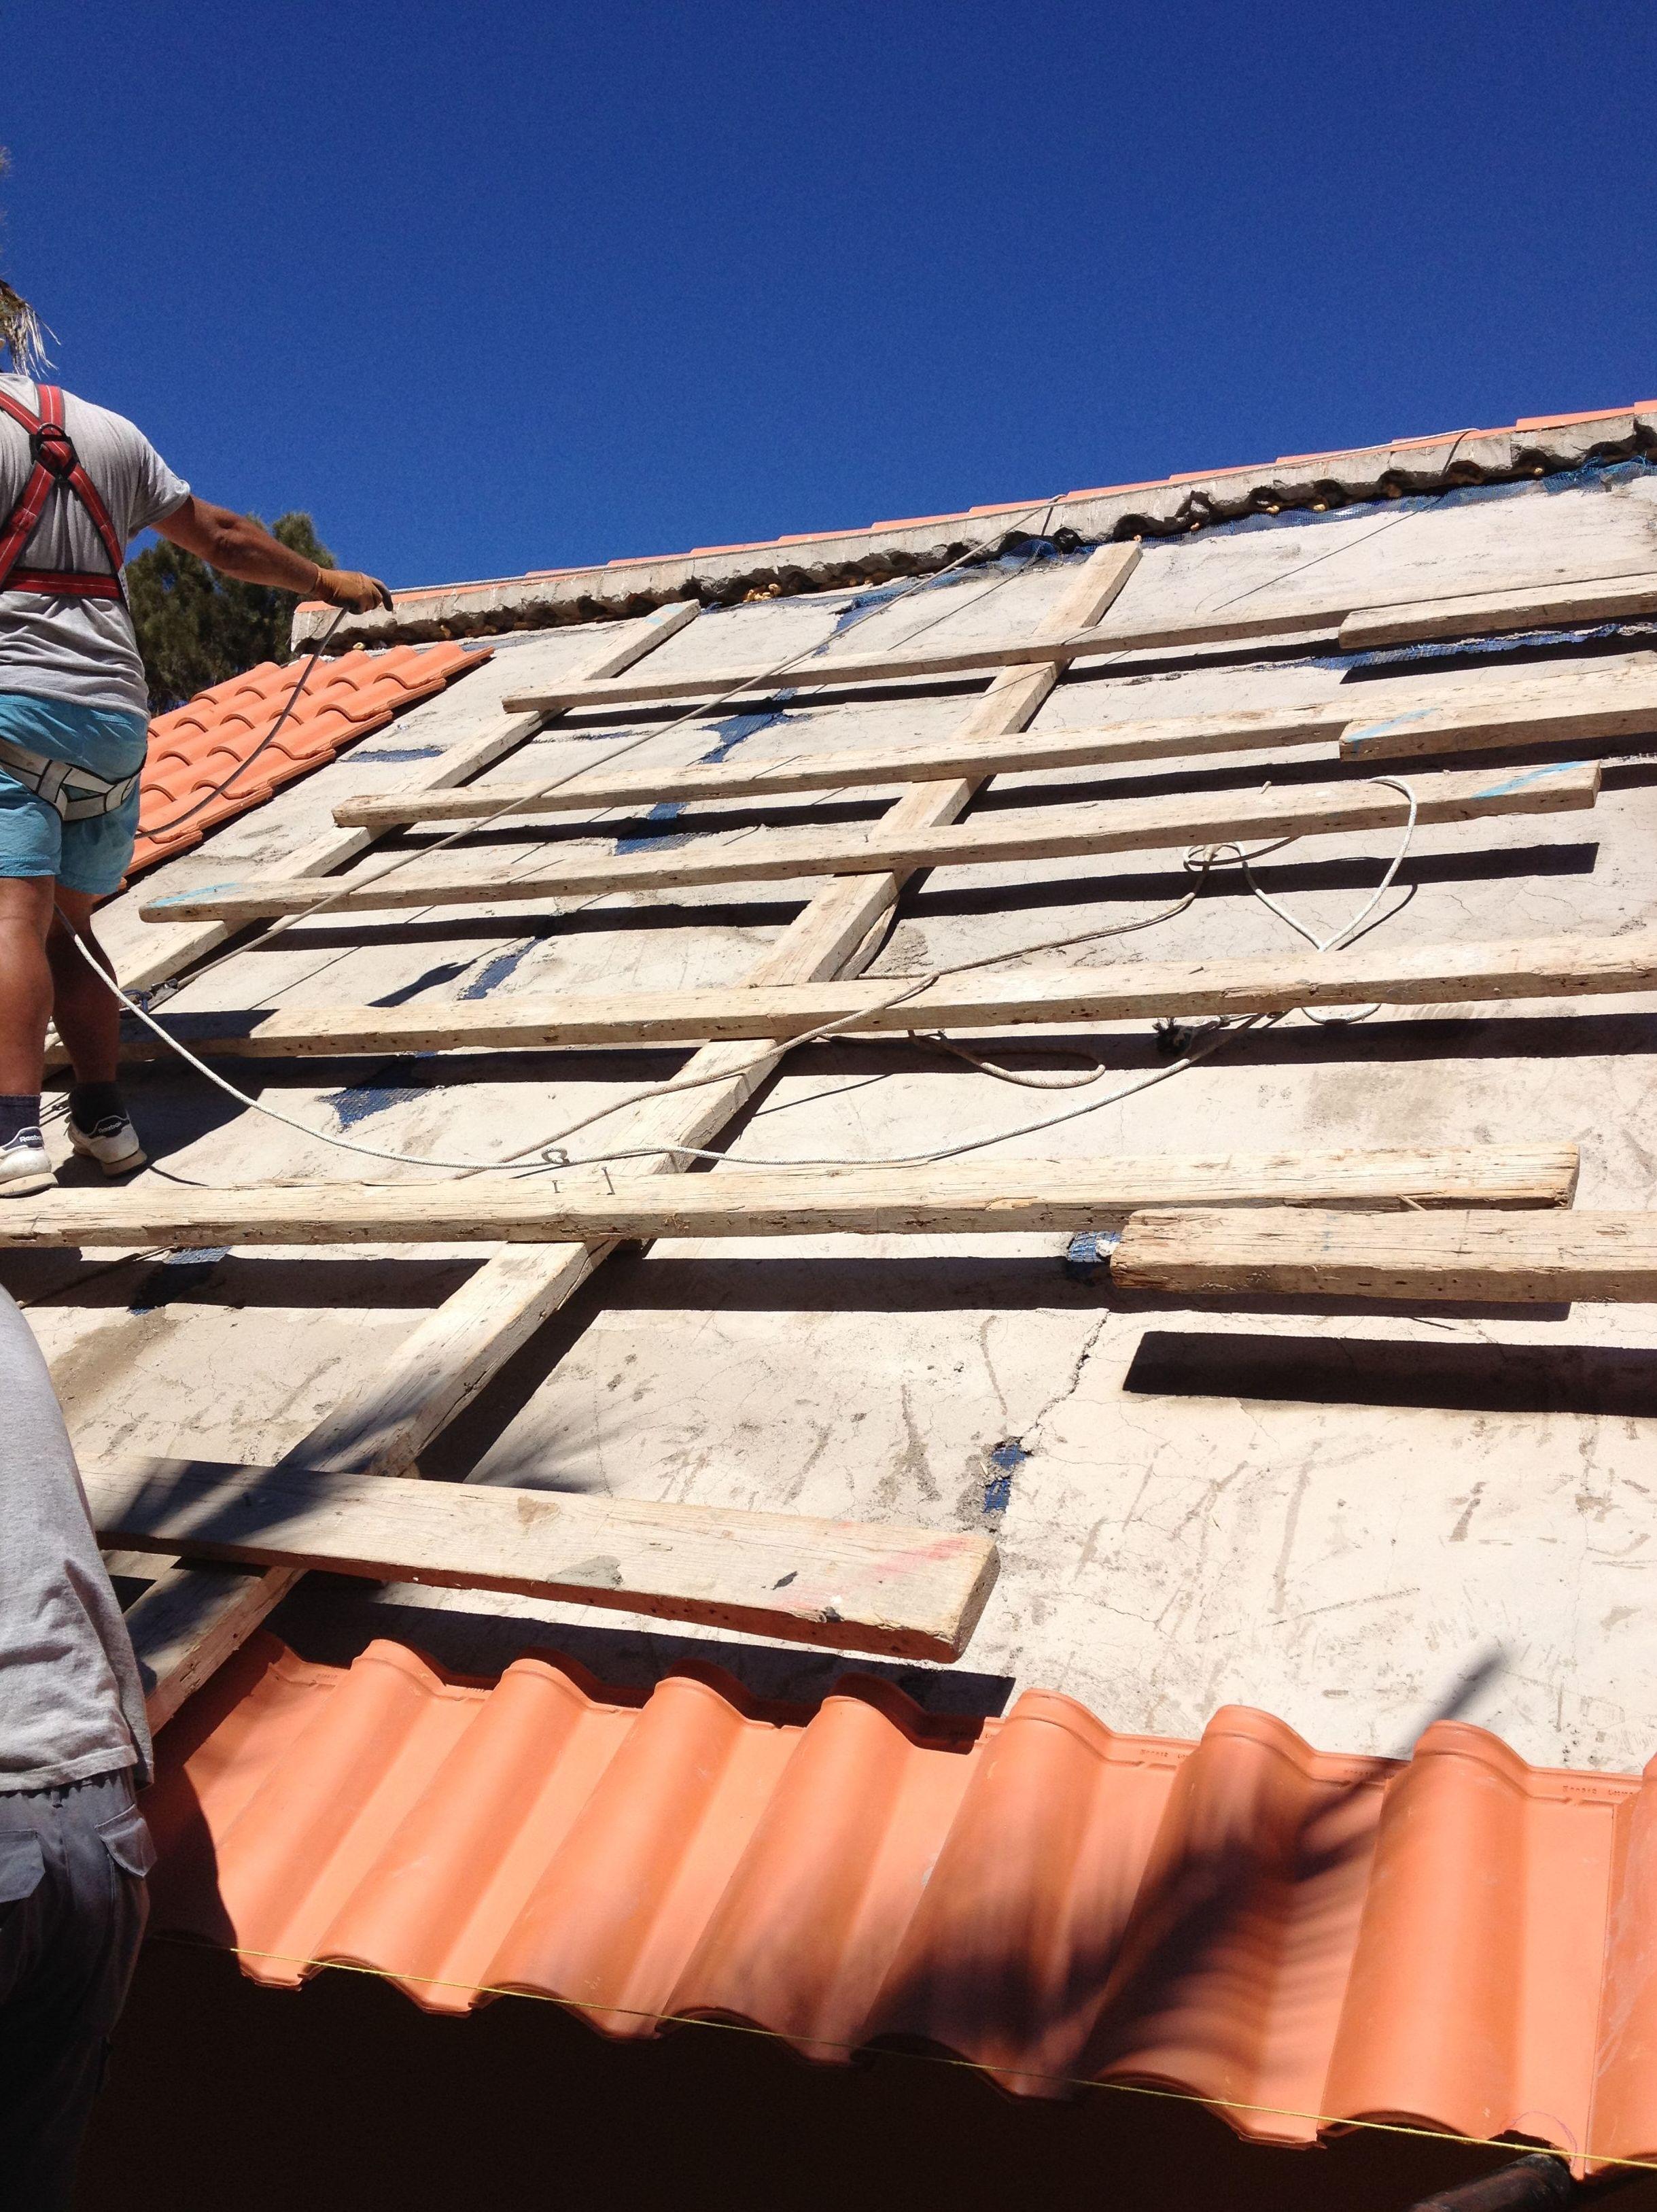 Realizamos trabajos de Rehabilitación en tejados. Impermeabilización y colocación de tejas